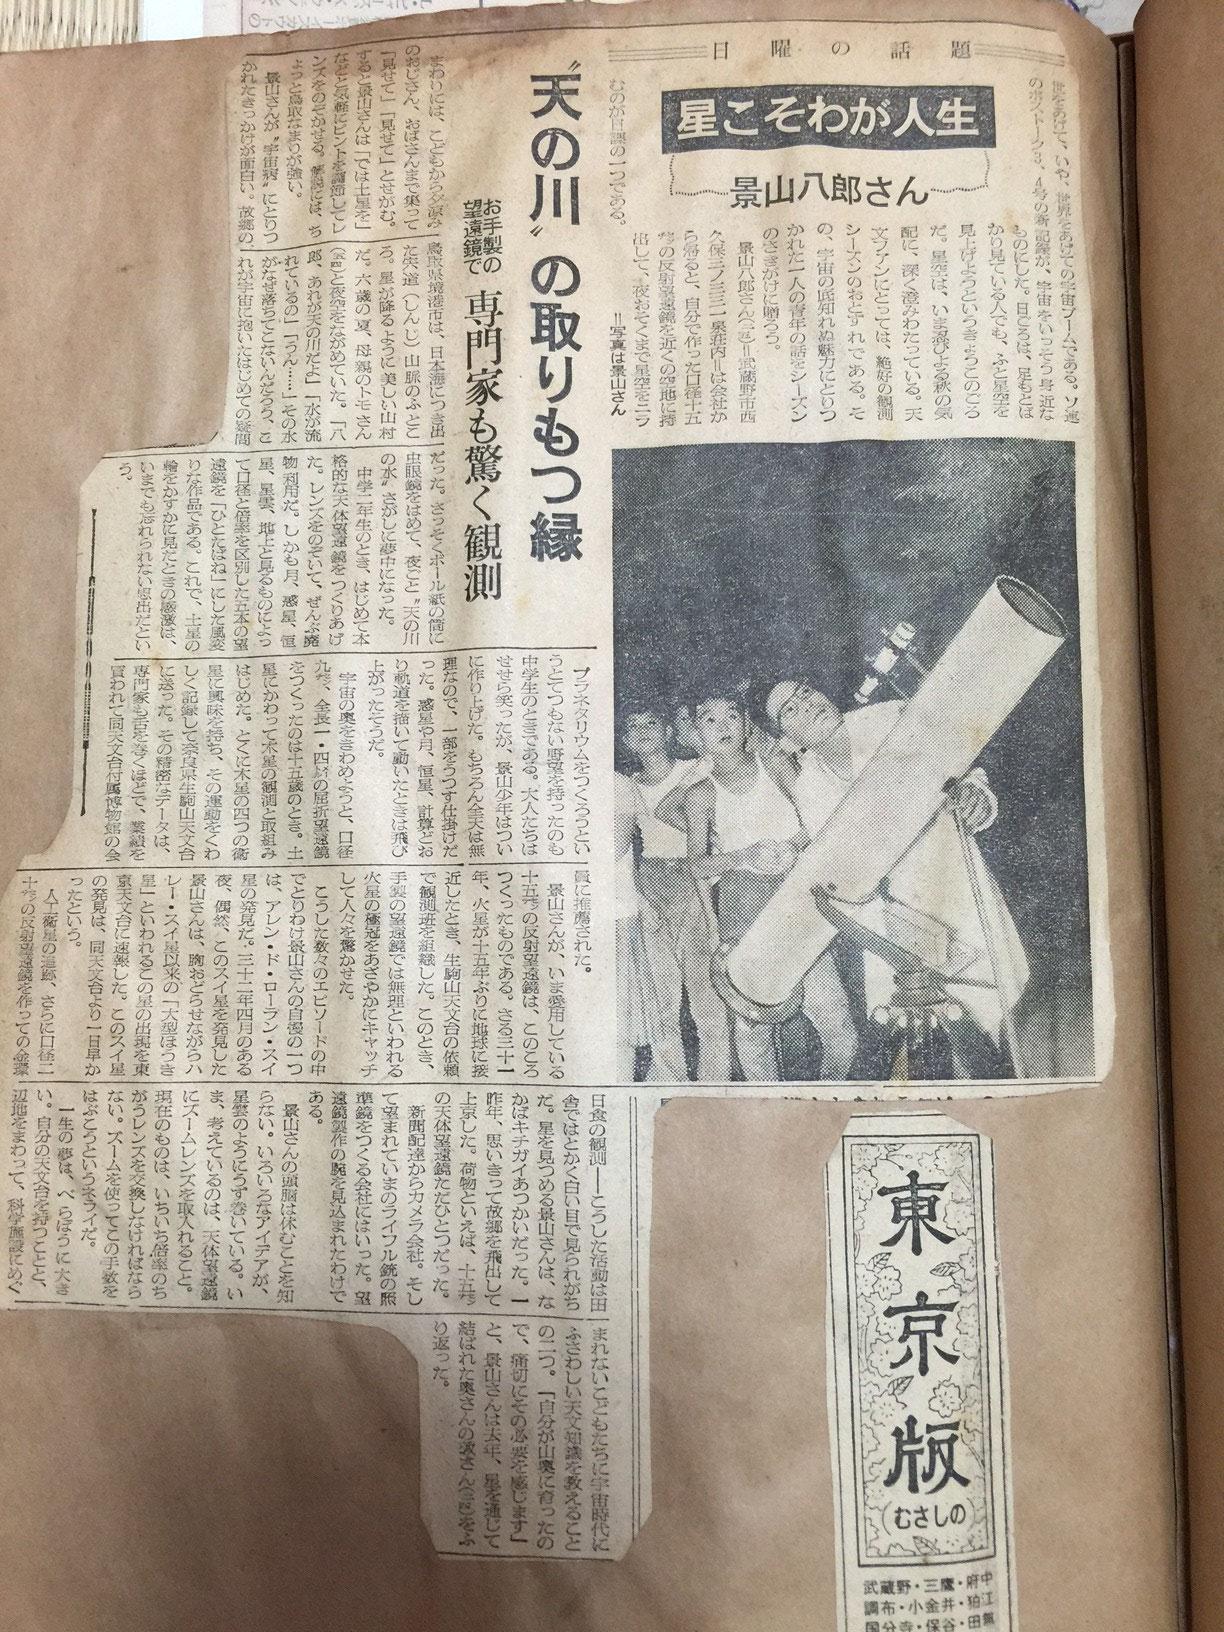 朝日新聞・東京版「日曜の話題」~星こそわが人生/景山八郎